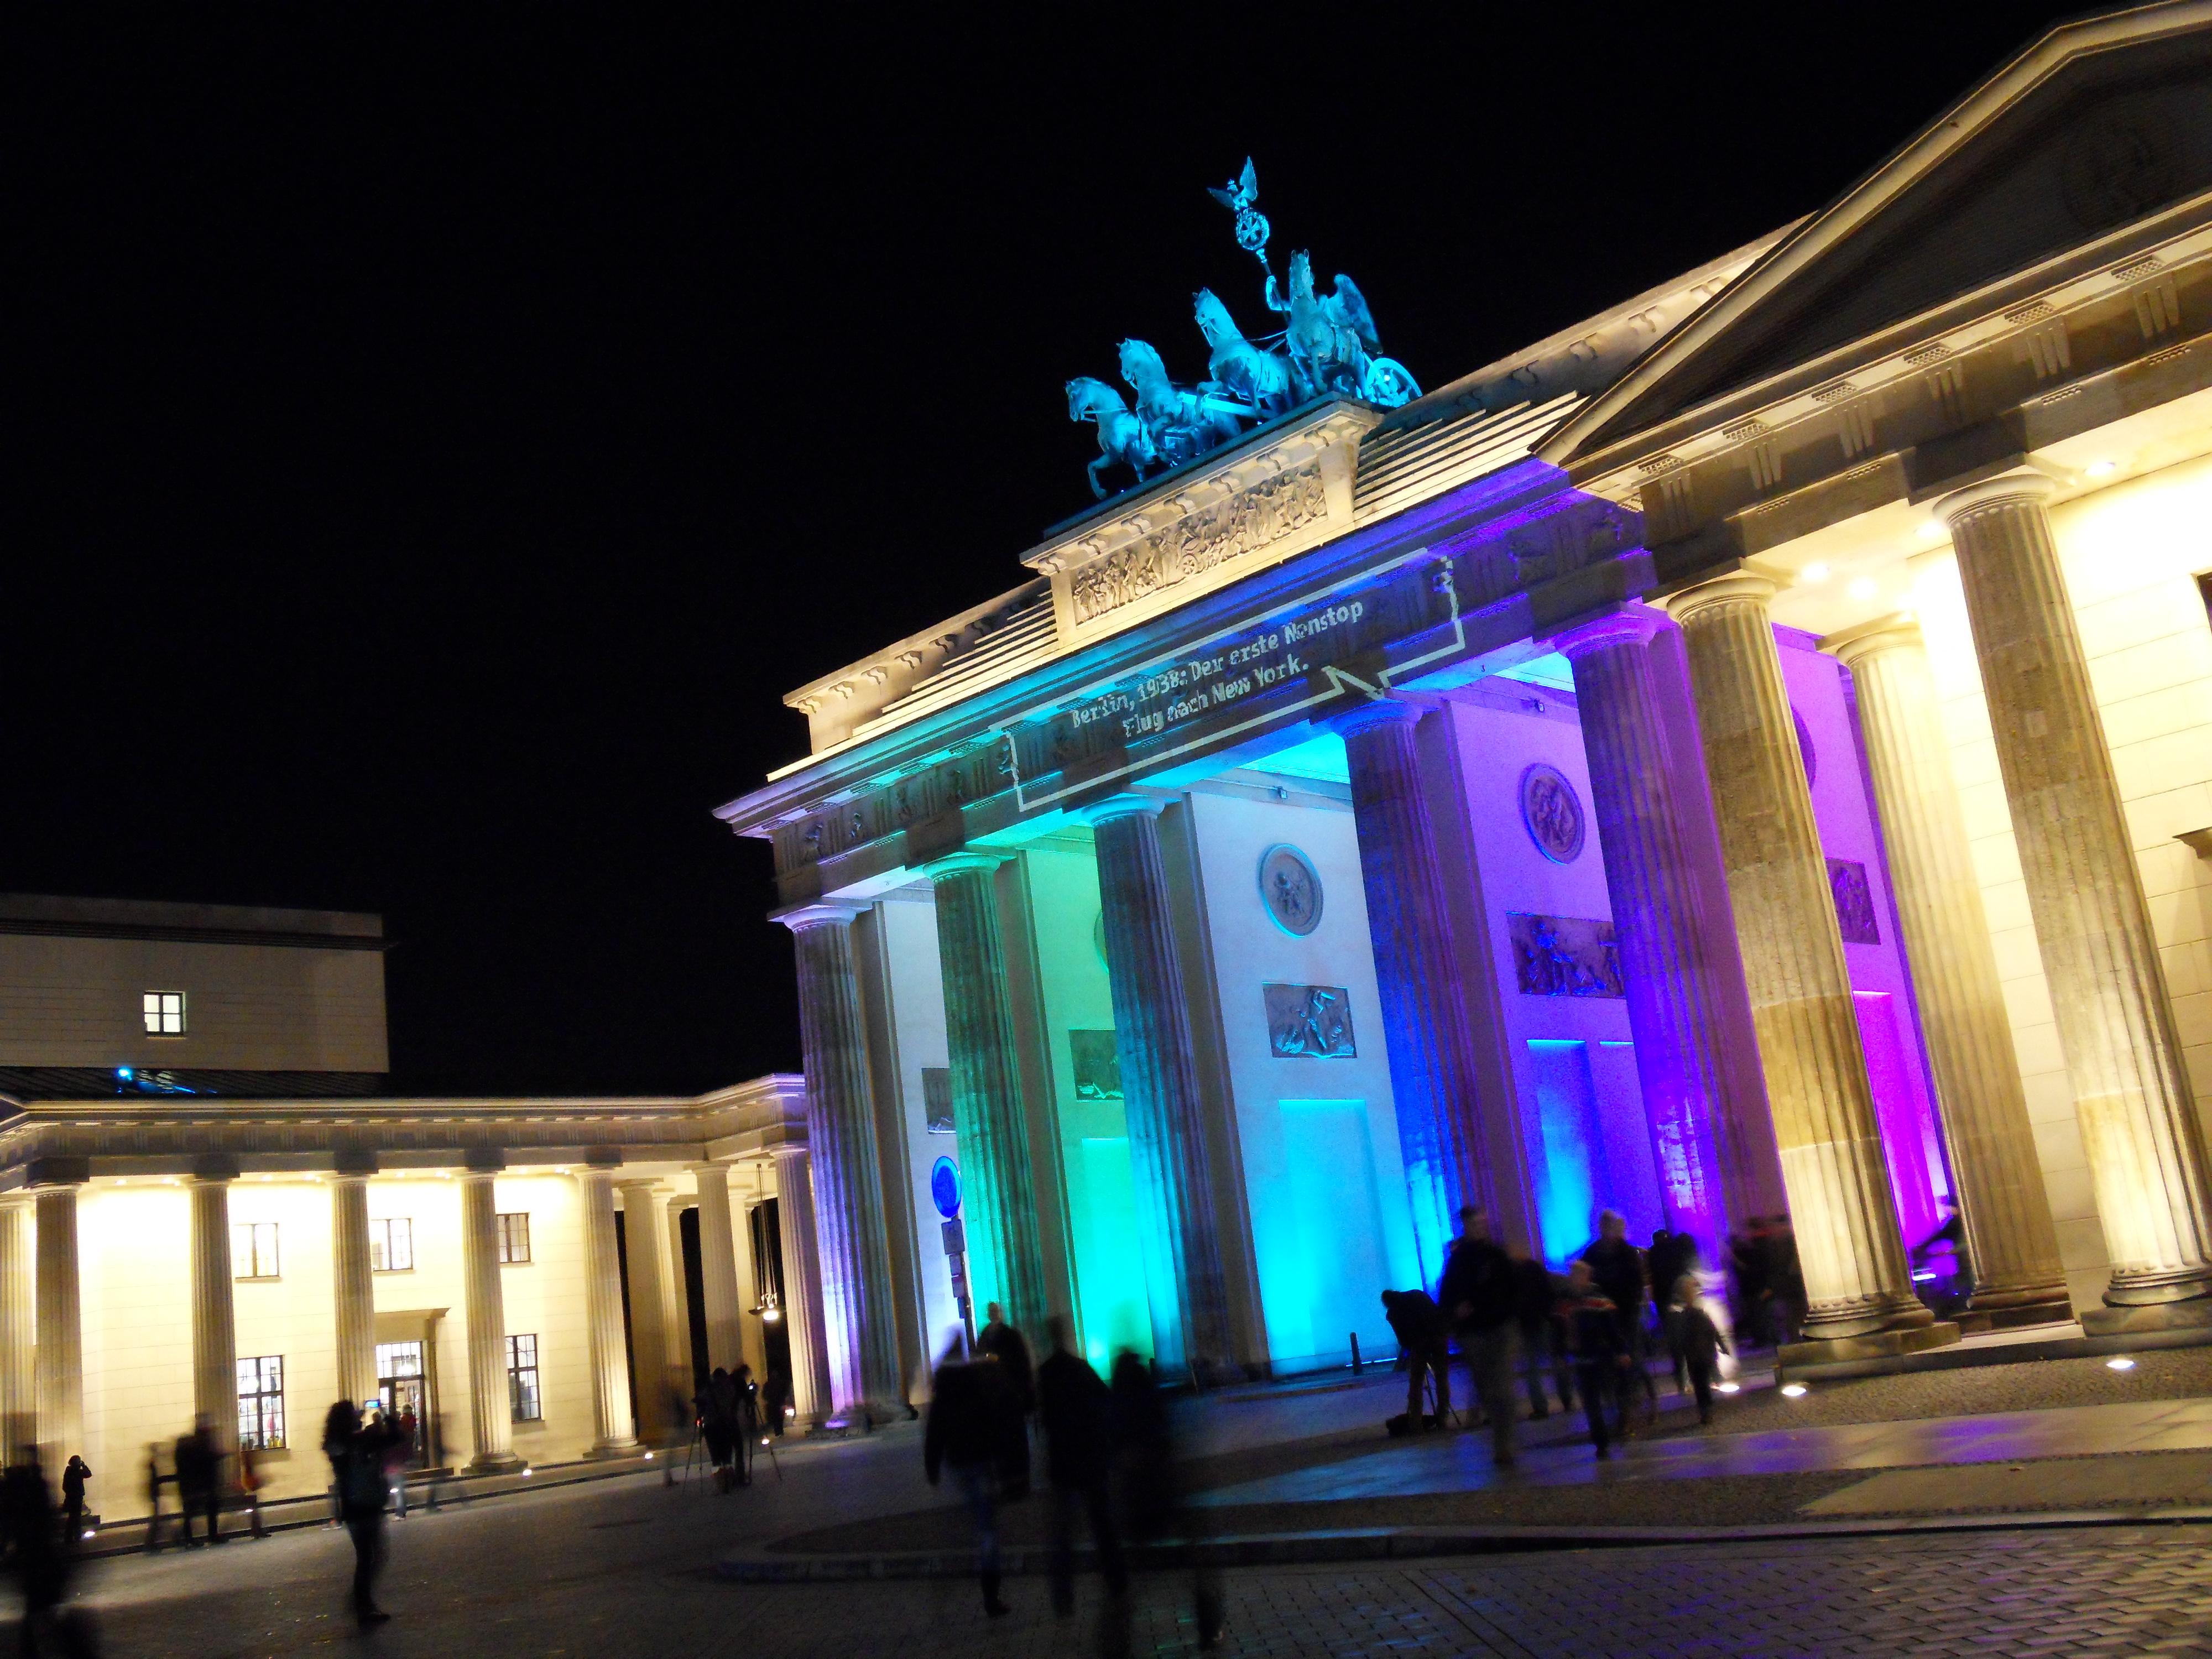 Visitare berlino porta di brandeburgo - Berlino porta di brandeburgo ...